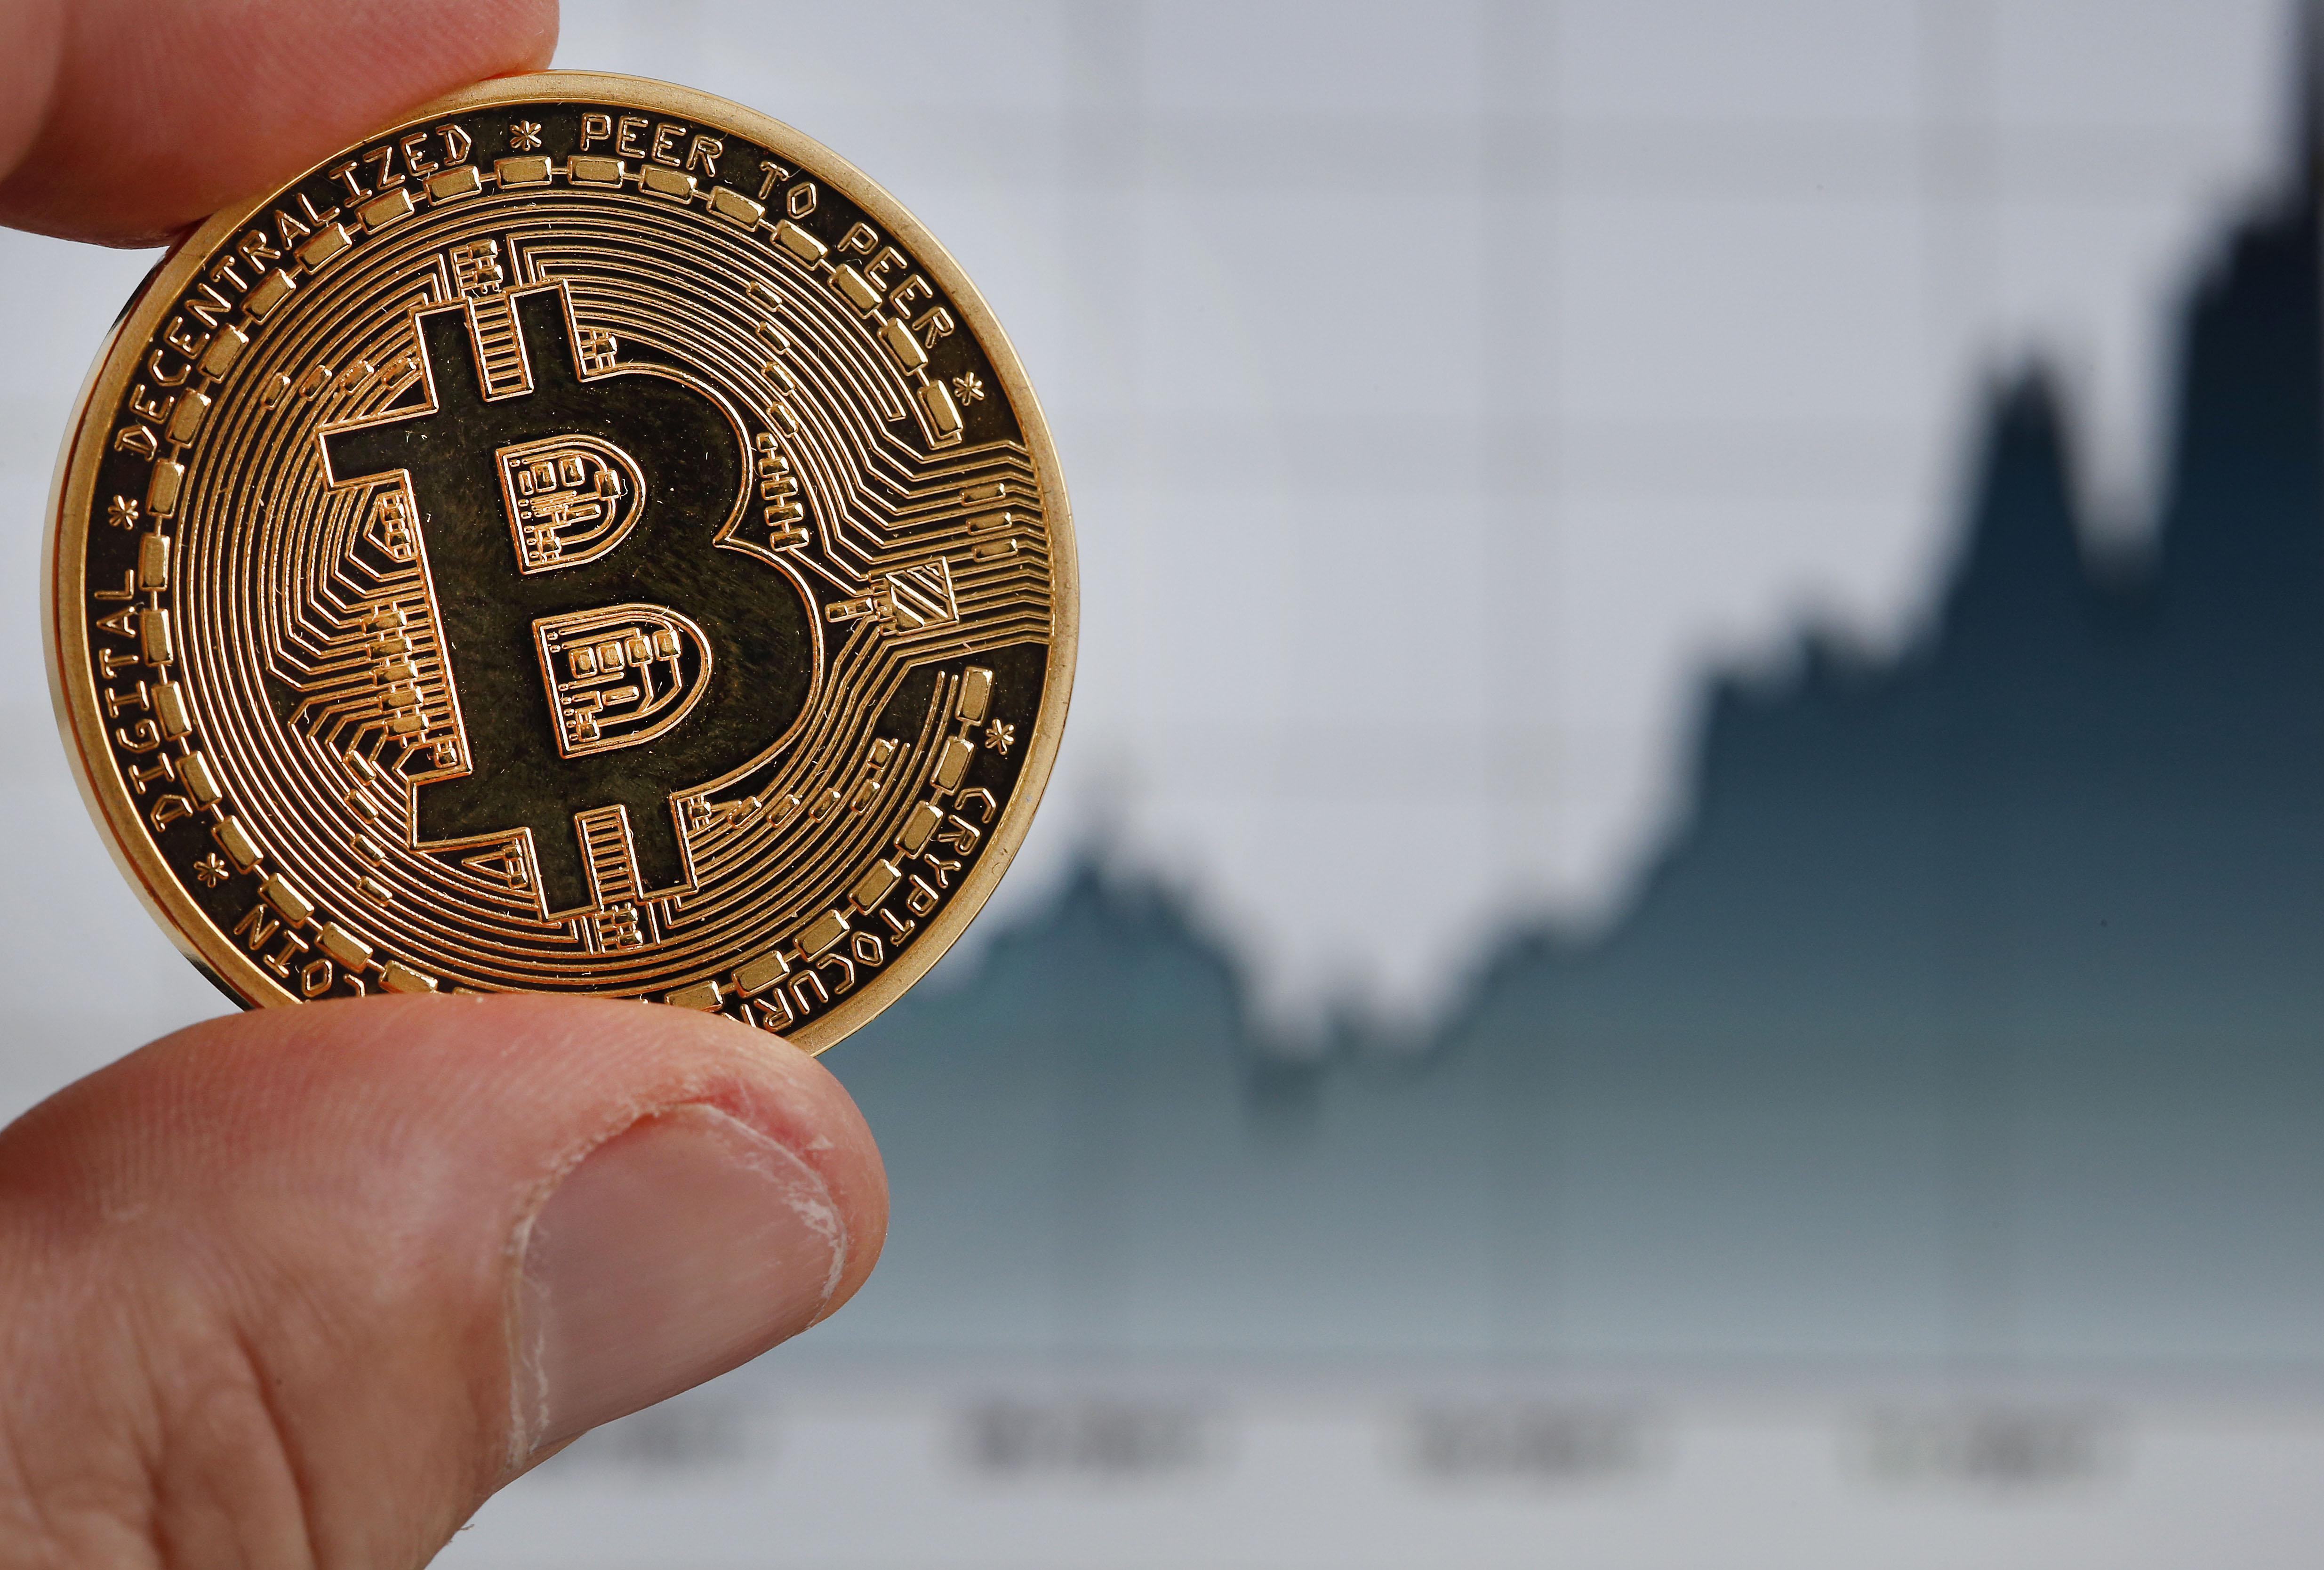 davy mining bitcoins